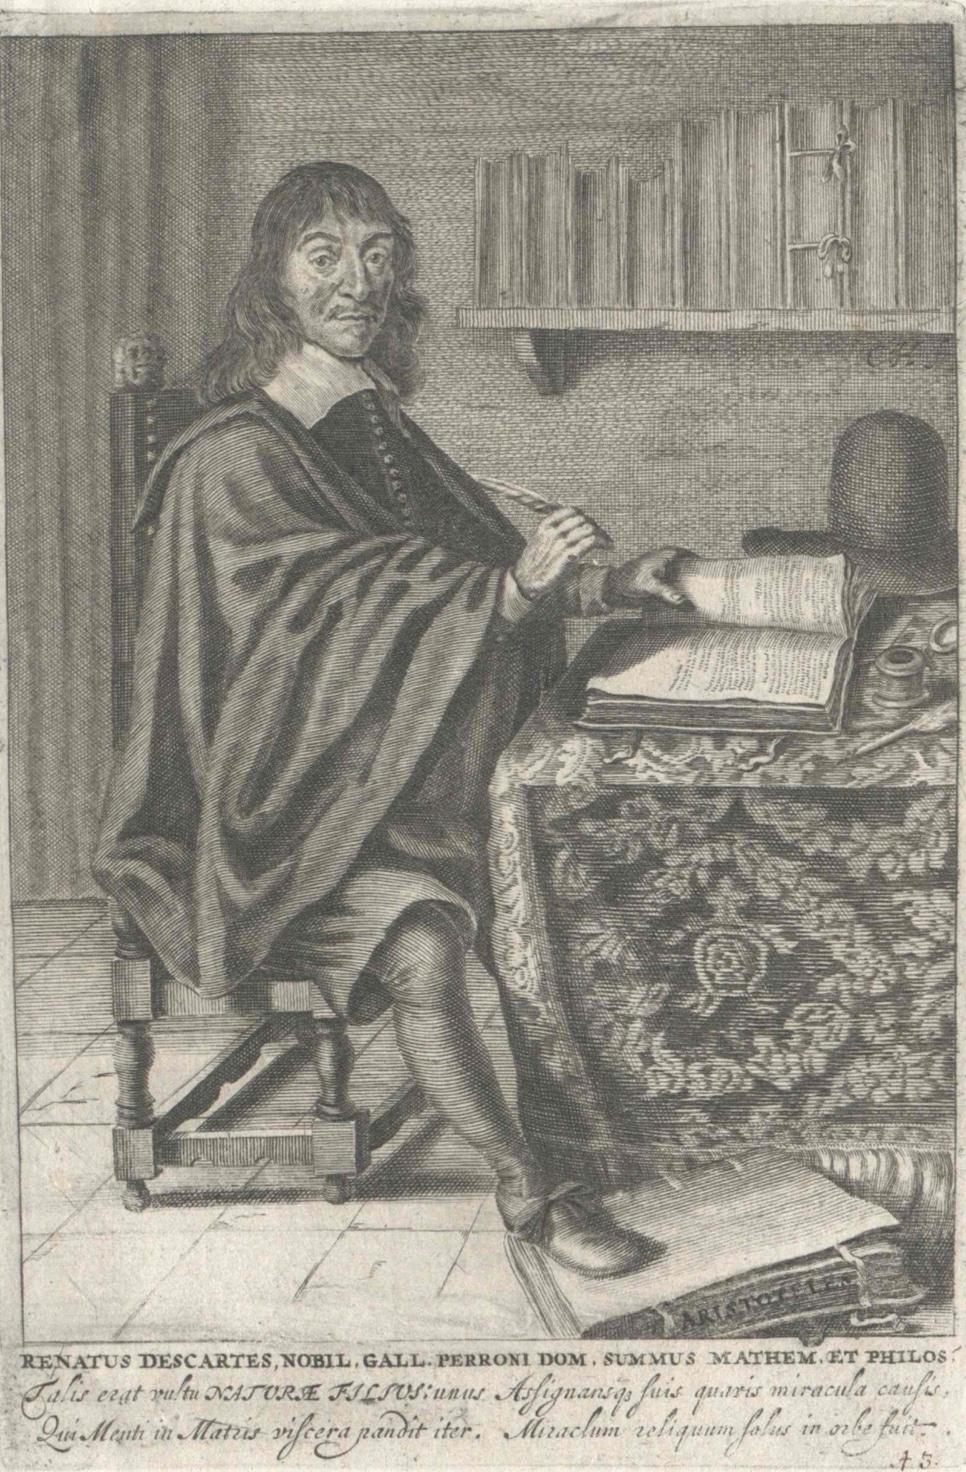 Descartes, Œuvres complètes